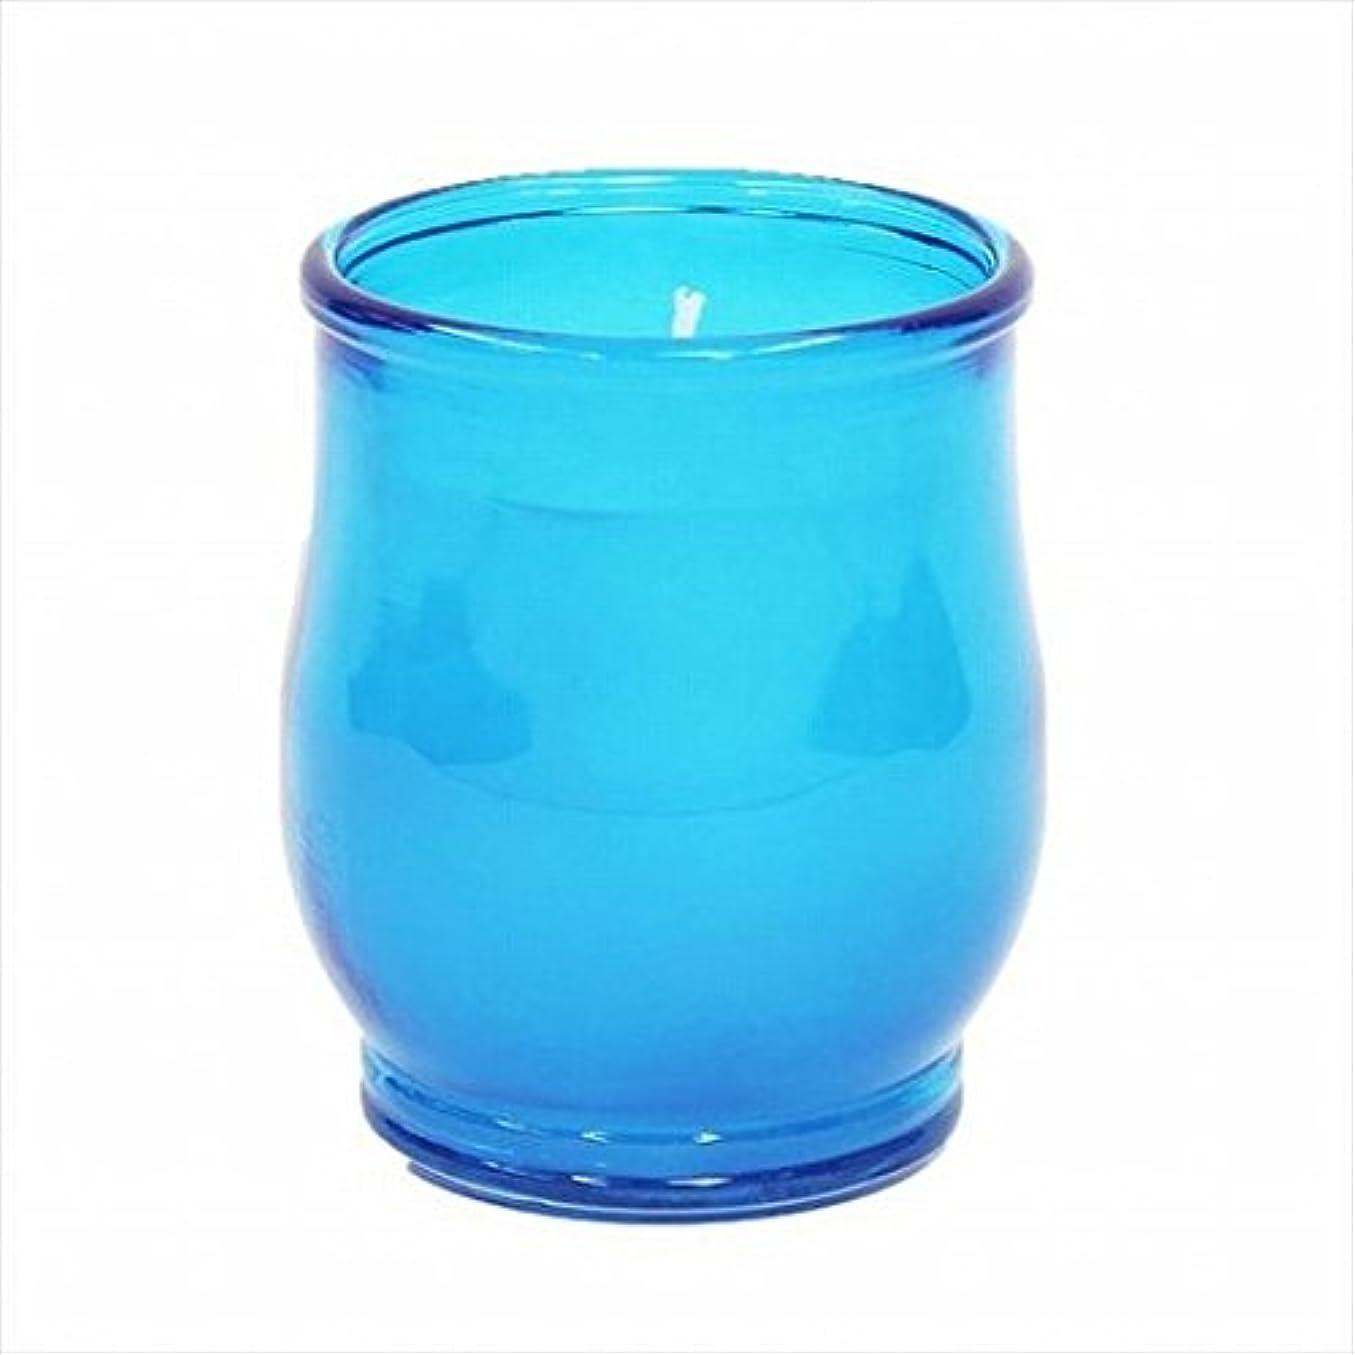 可能音楽ピンポイントkameyama candle(カメヤマキャンドル) ポシェ(非常用コップローソク) 「 ブルー 」 キャンドル 68x68x80mm (73020000BL)